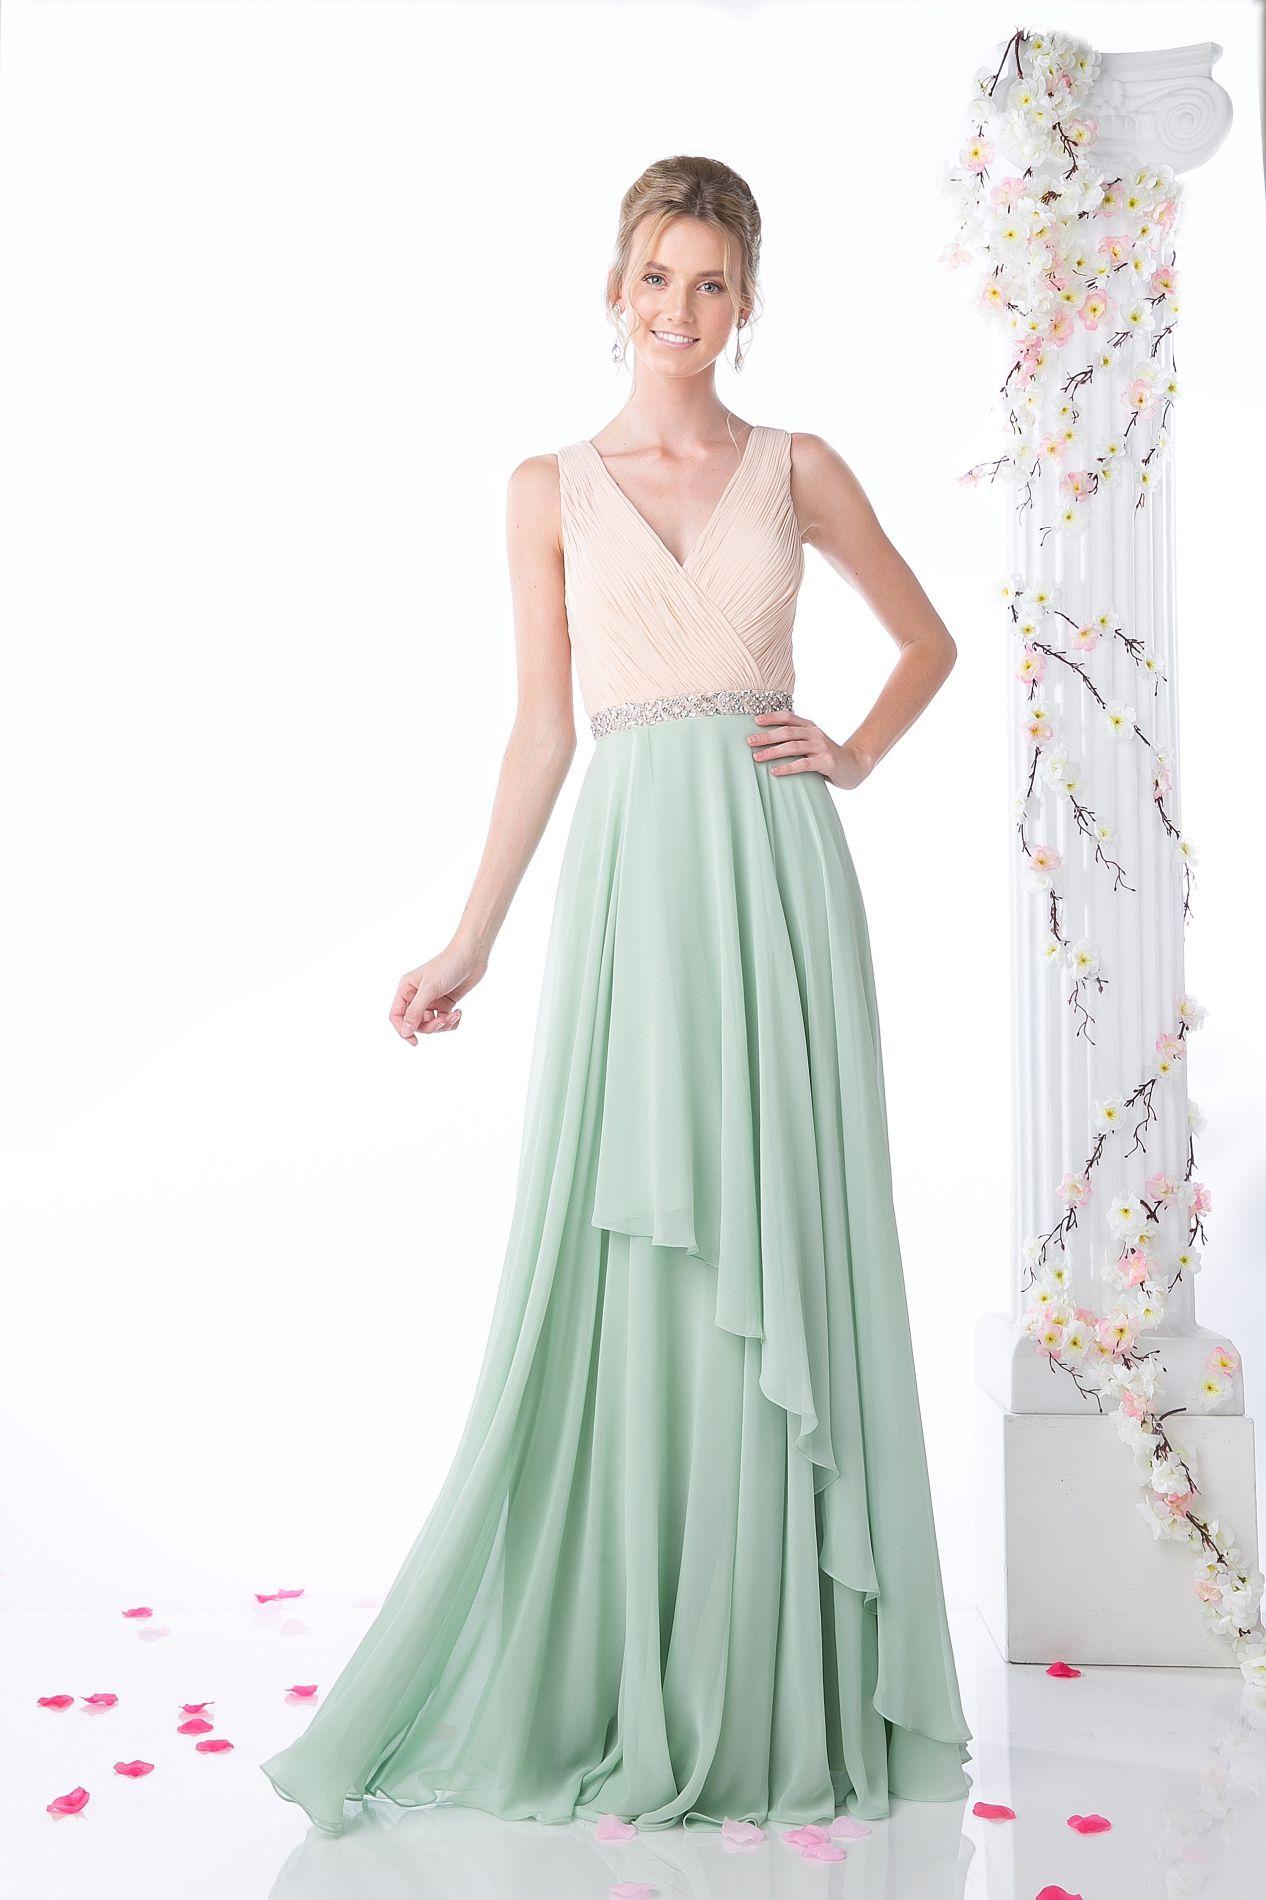 Talula Bridesmaid Dress - V-neck two-tone, long chiffon bridesmaid ...